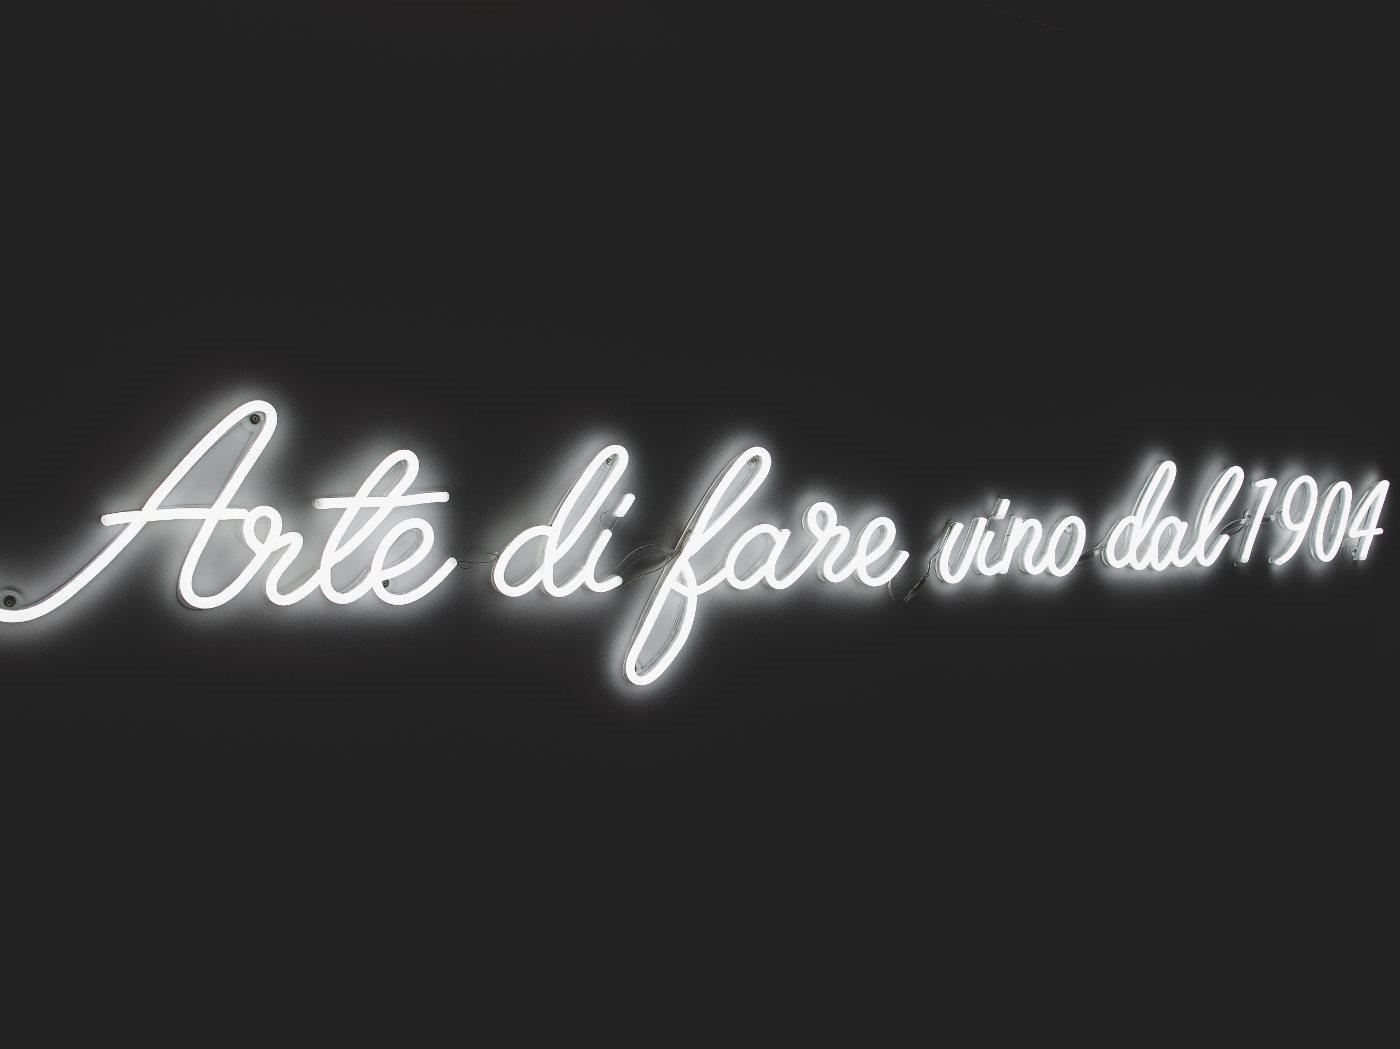 arte_di_fare_il_vino_1400x1050